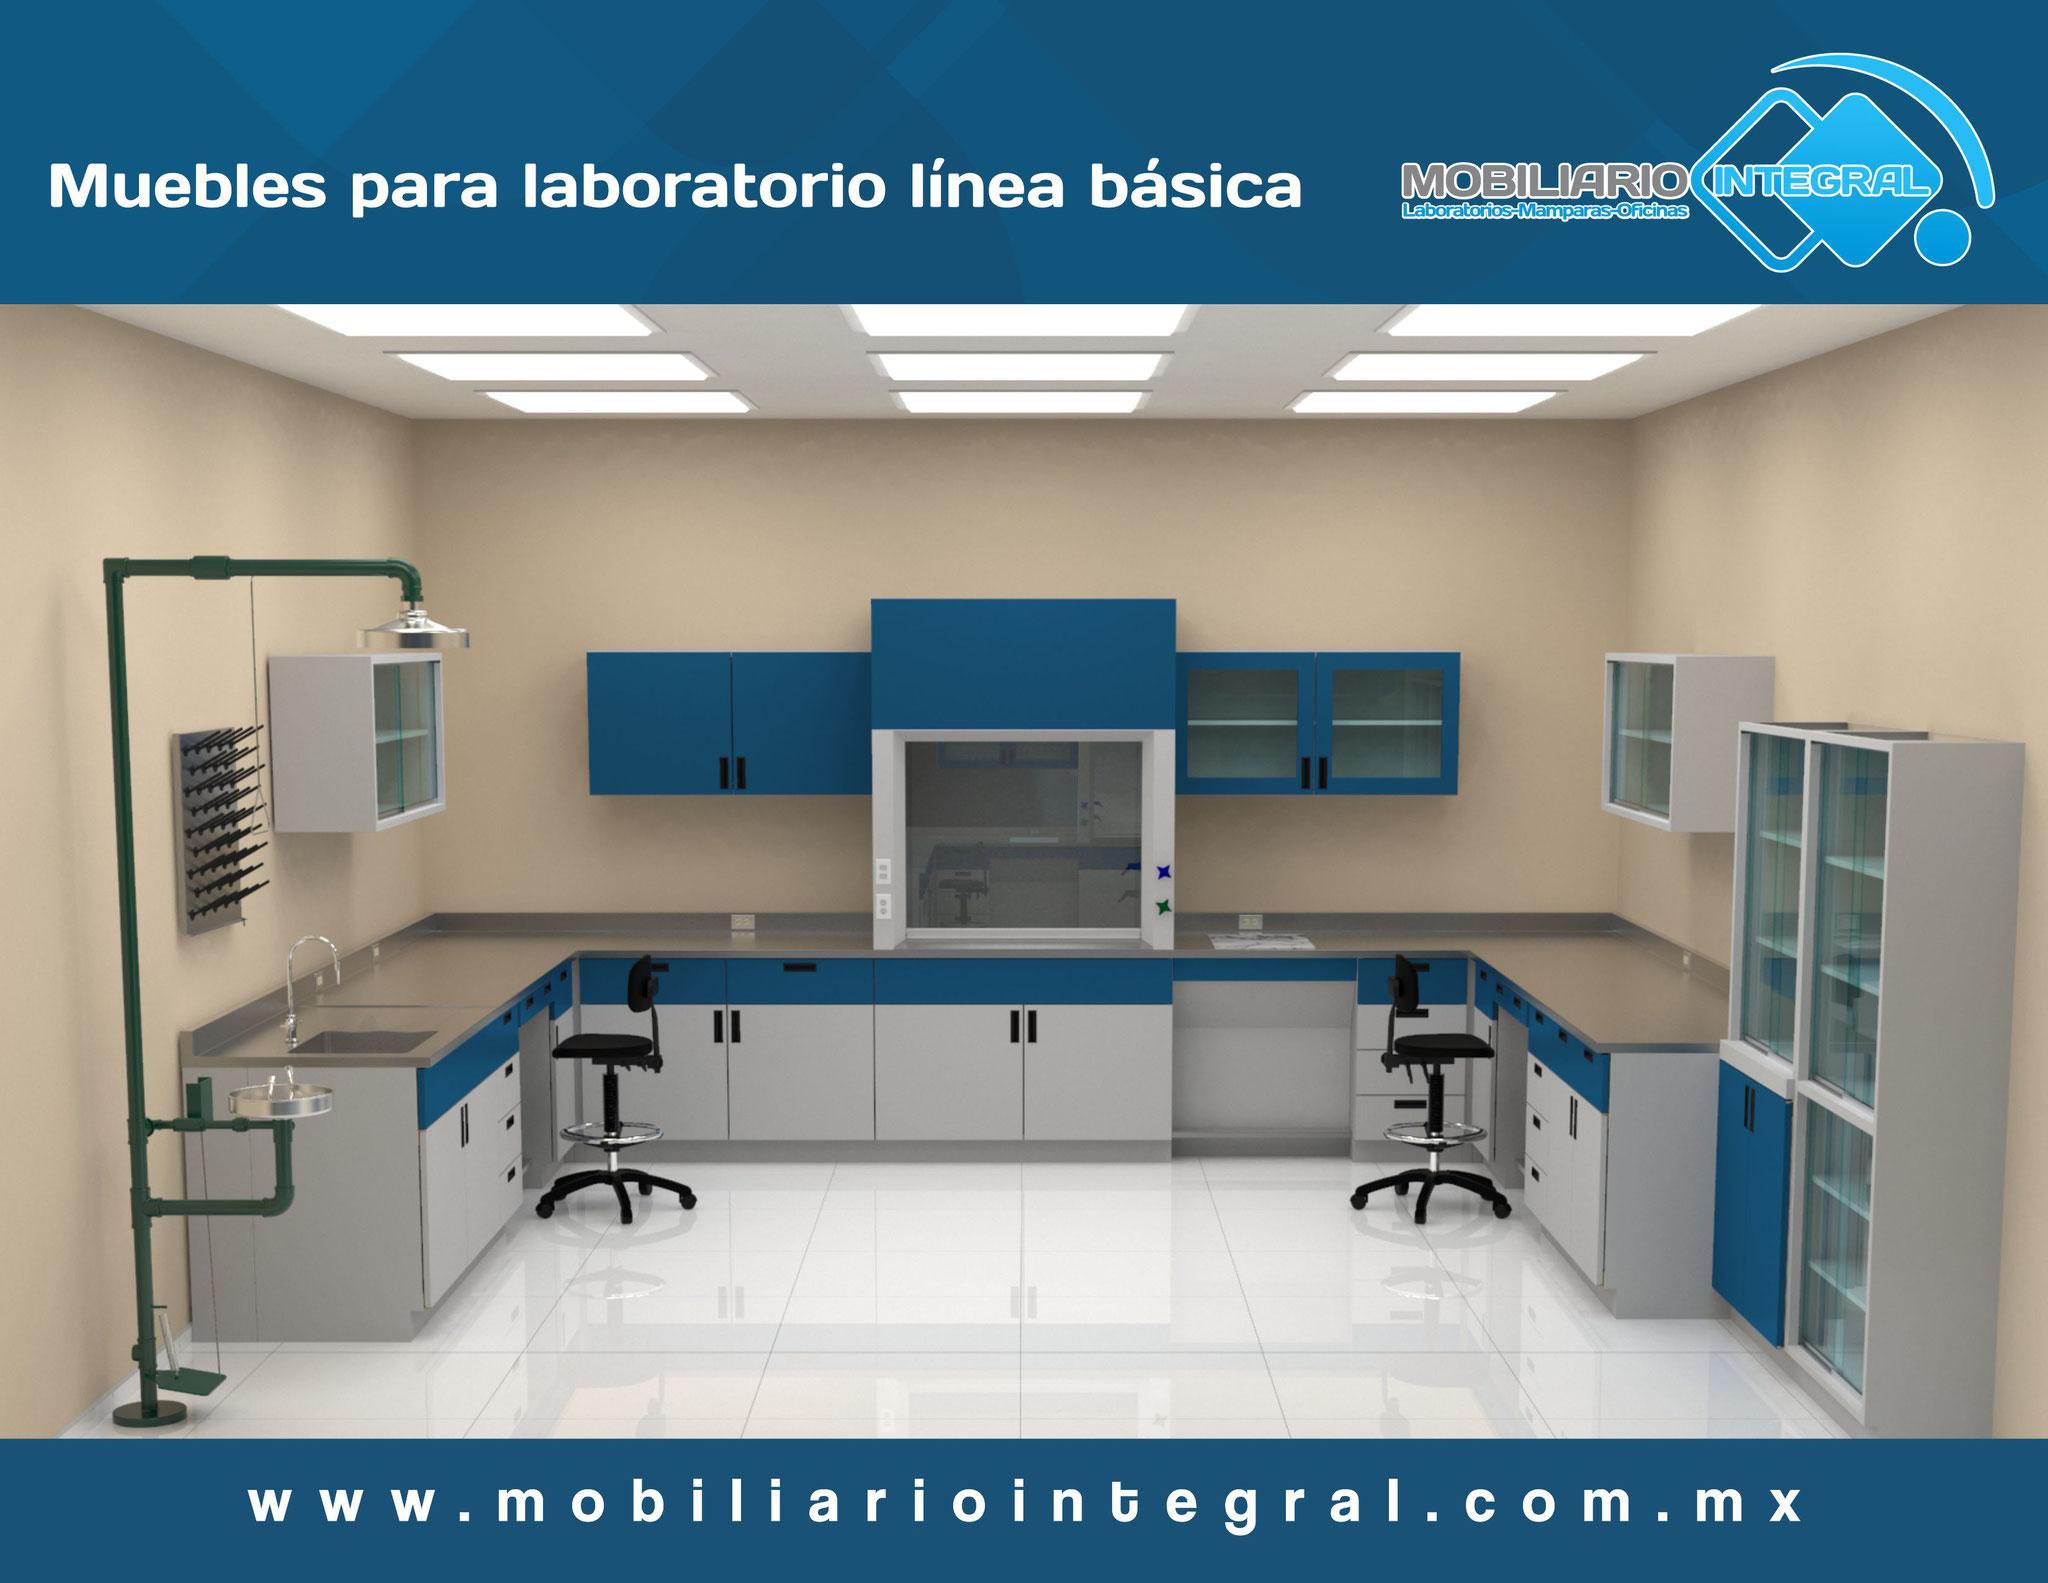 Muebles para laboratorio en Nuevo Laredo